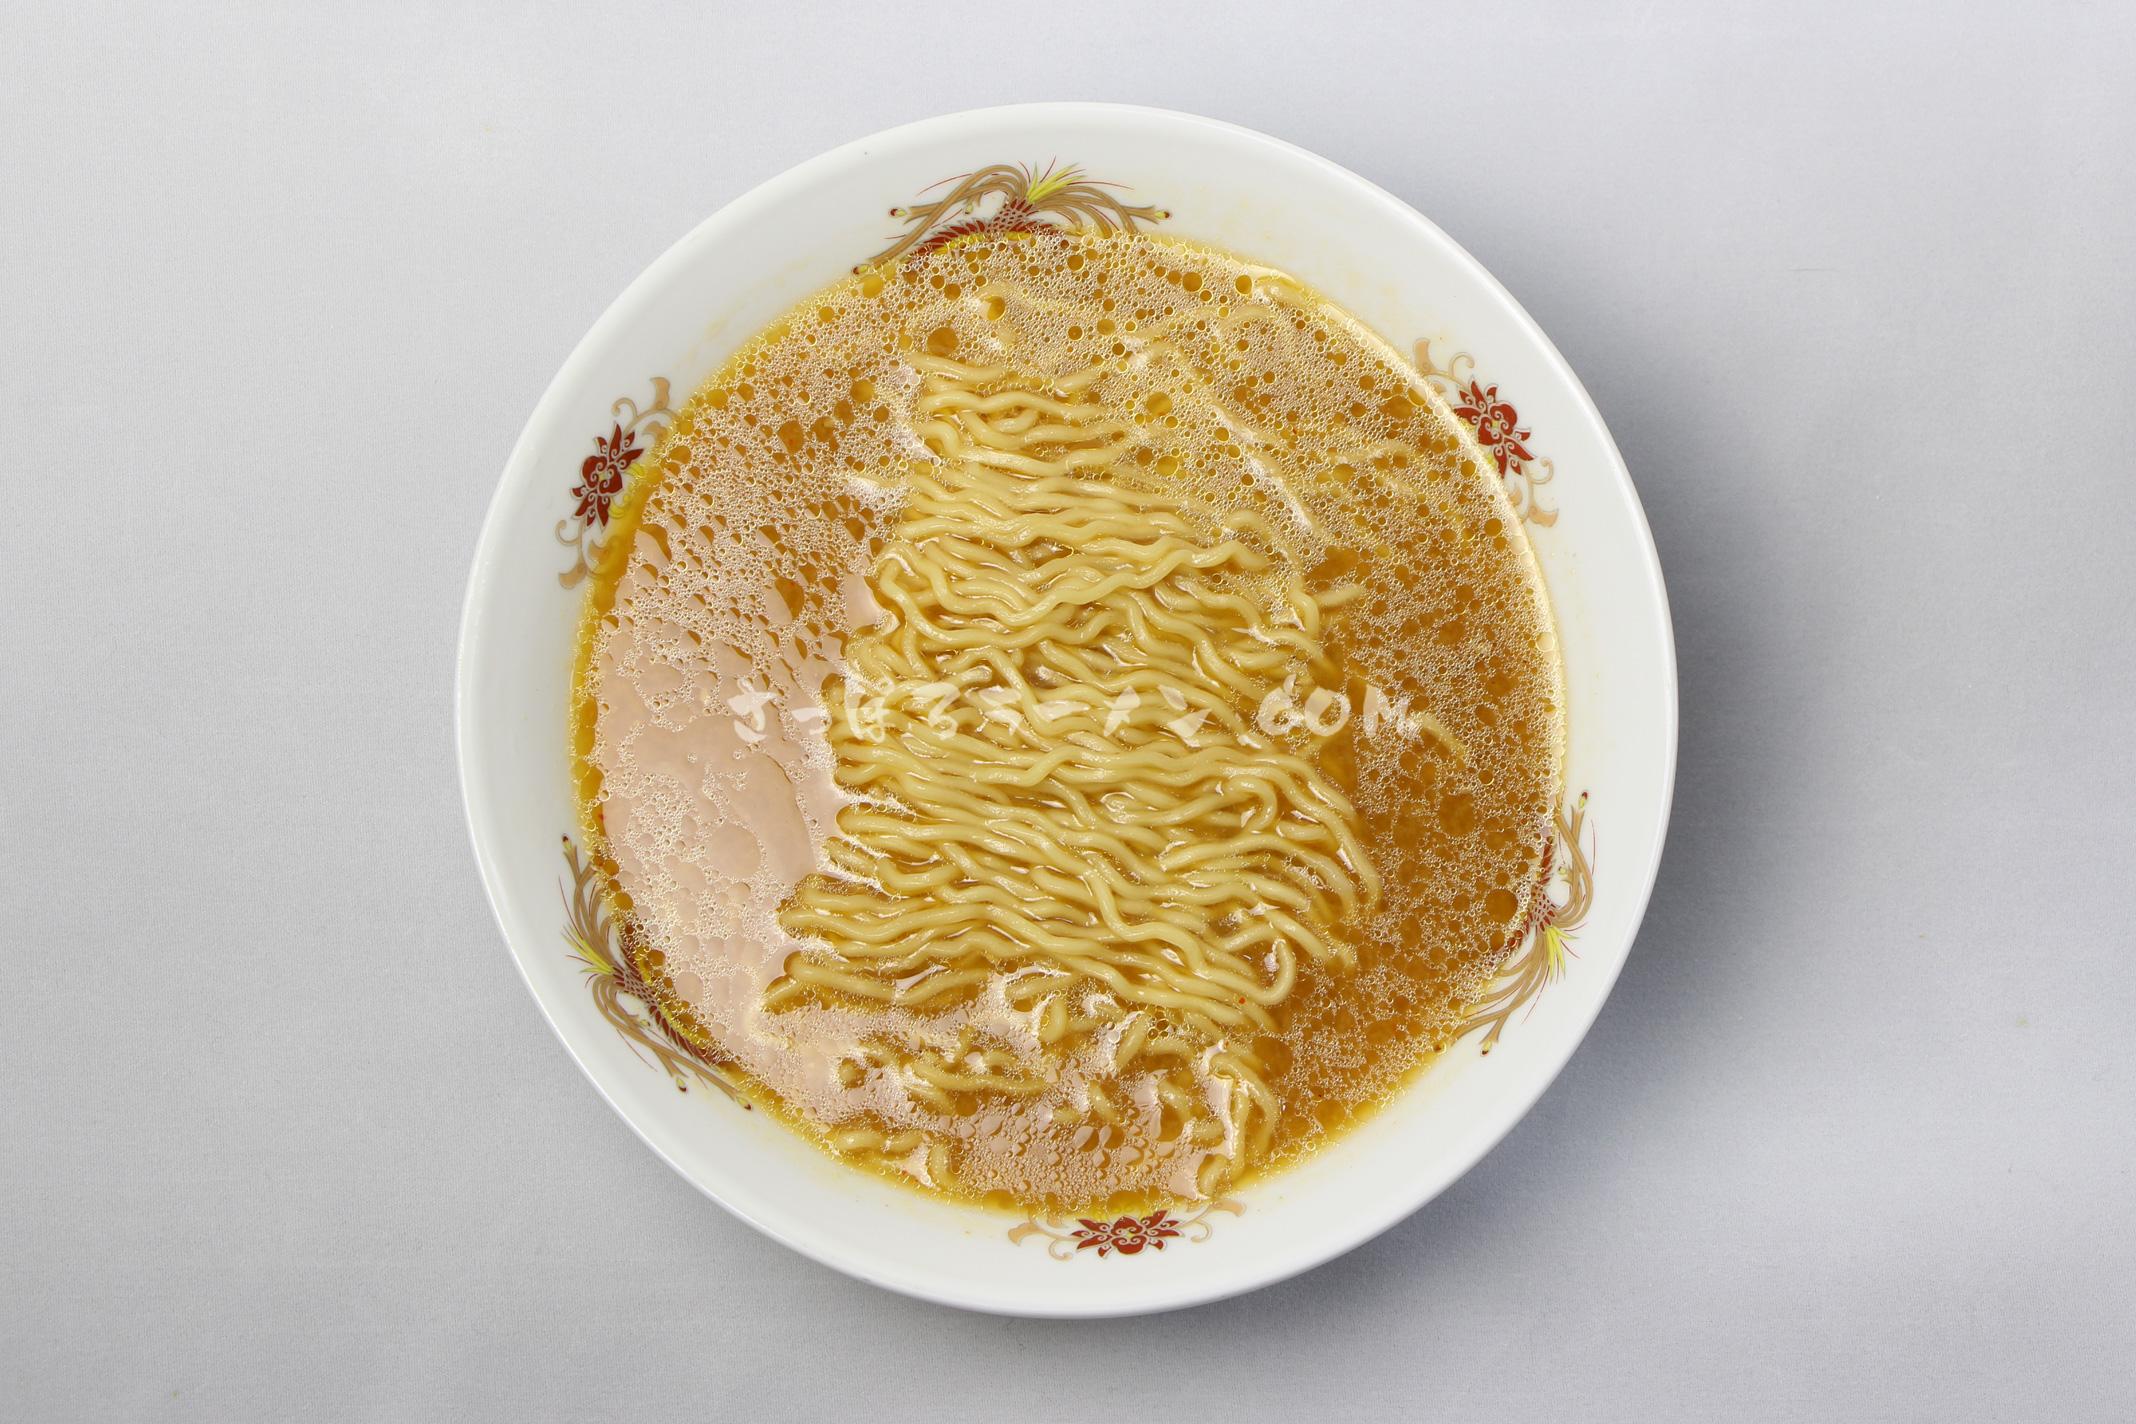 「ふらのラーメン(みそ味)」(佐々木製麺所)の完成画像